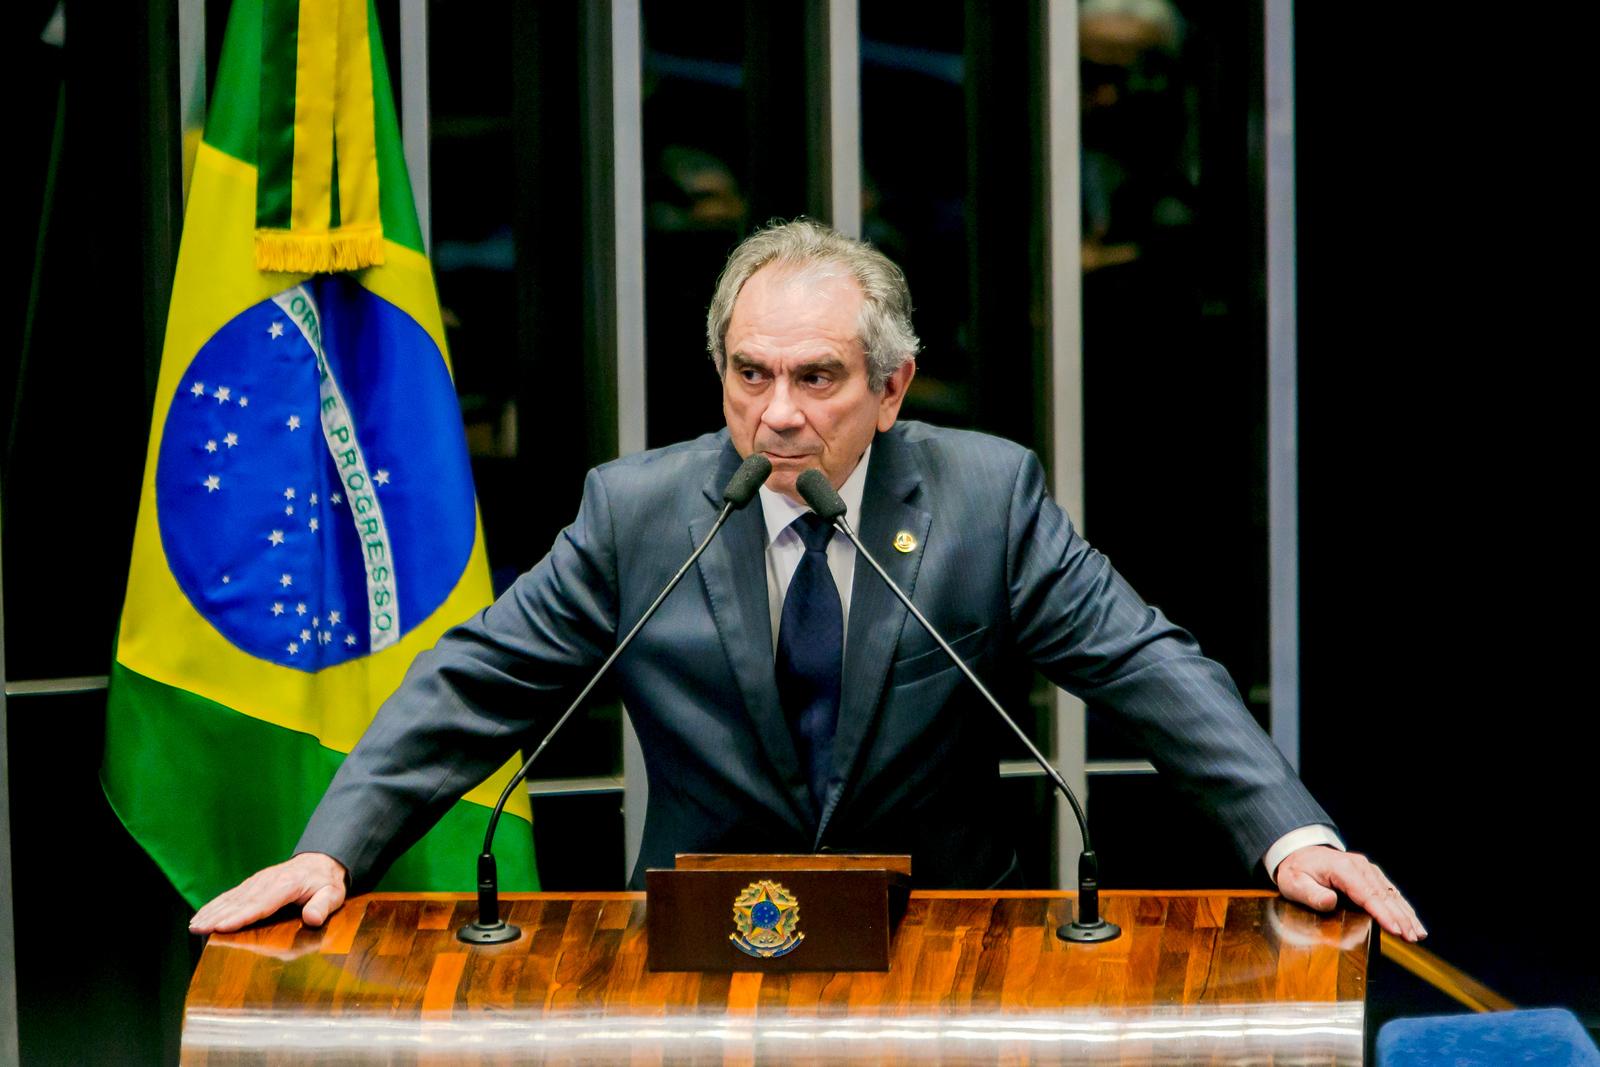 250418  Senador Raimundo Lira _Foto Felipe Menezes_005_